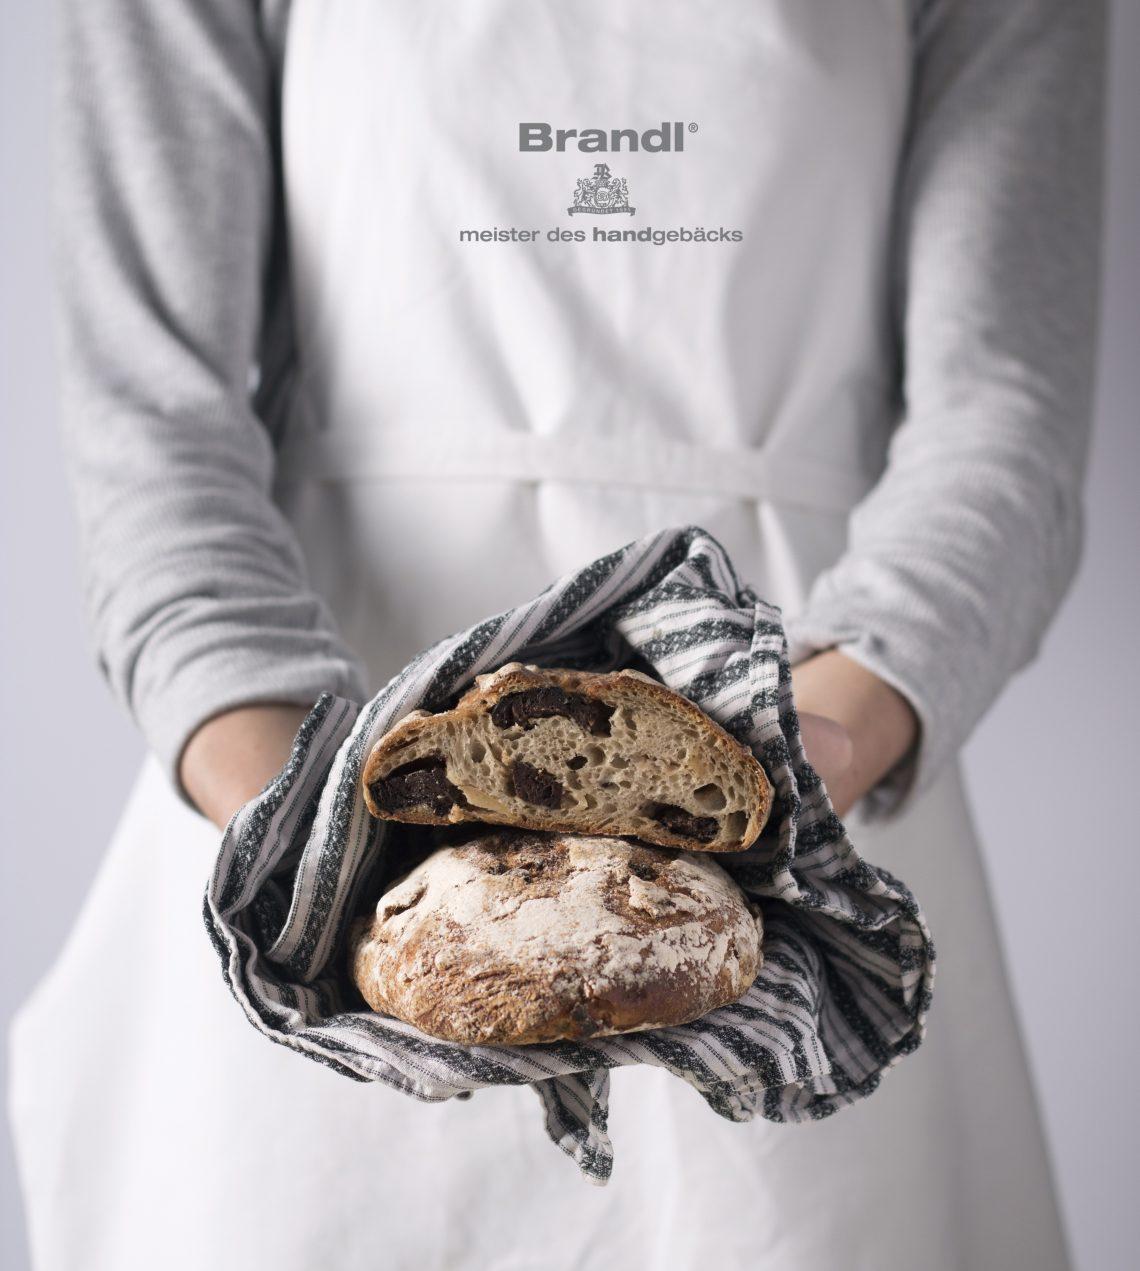 Standard Kulinarik-Geschäfte, die wir empfehlen können